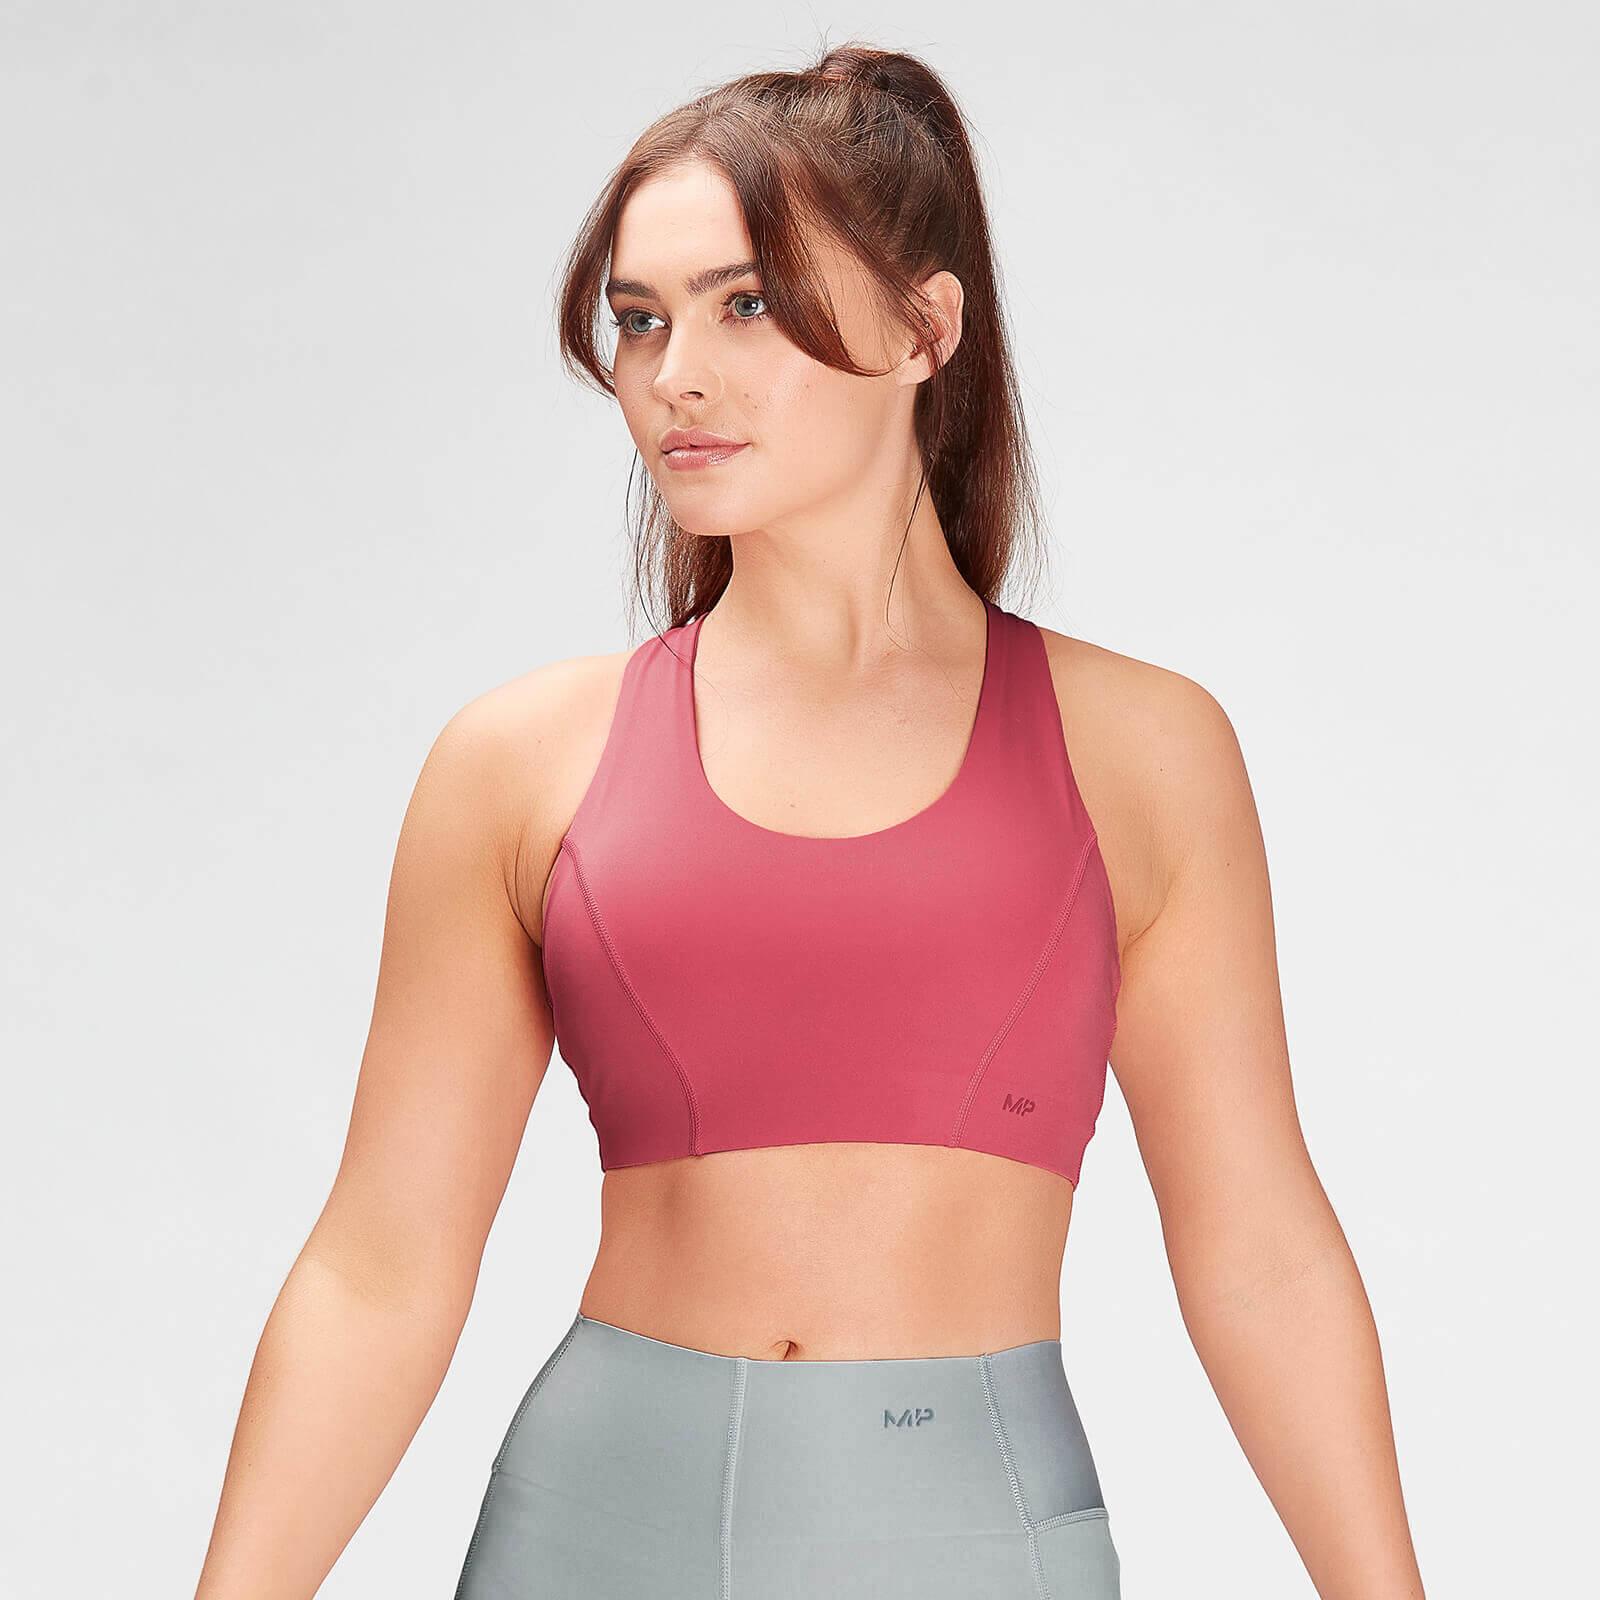 Купить MP Women's Composure Sports Bra- Berry Pink - XXS, Myprotein International